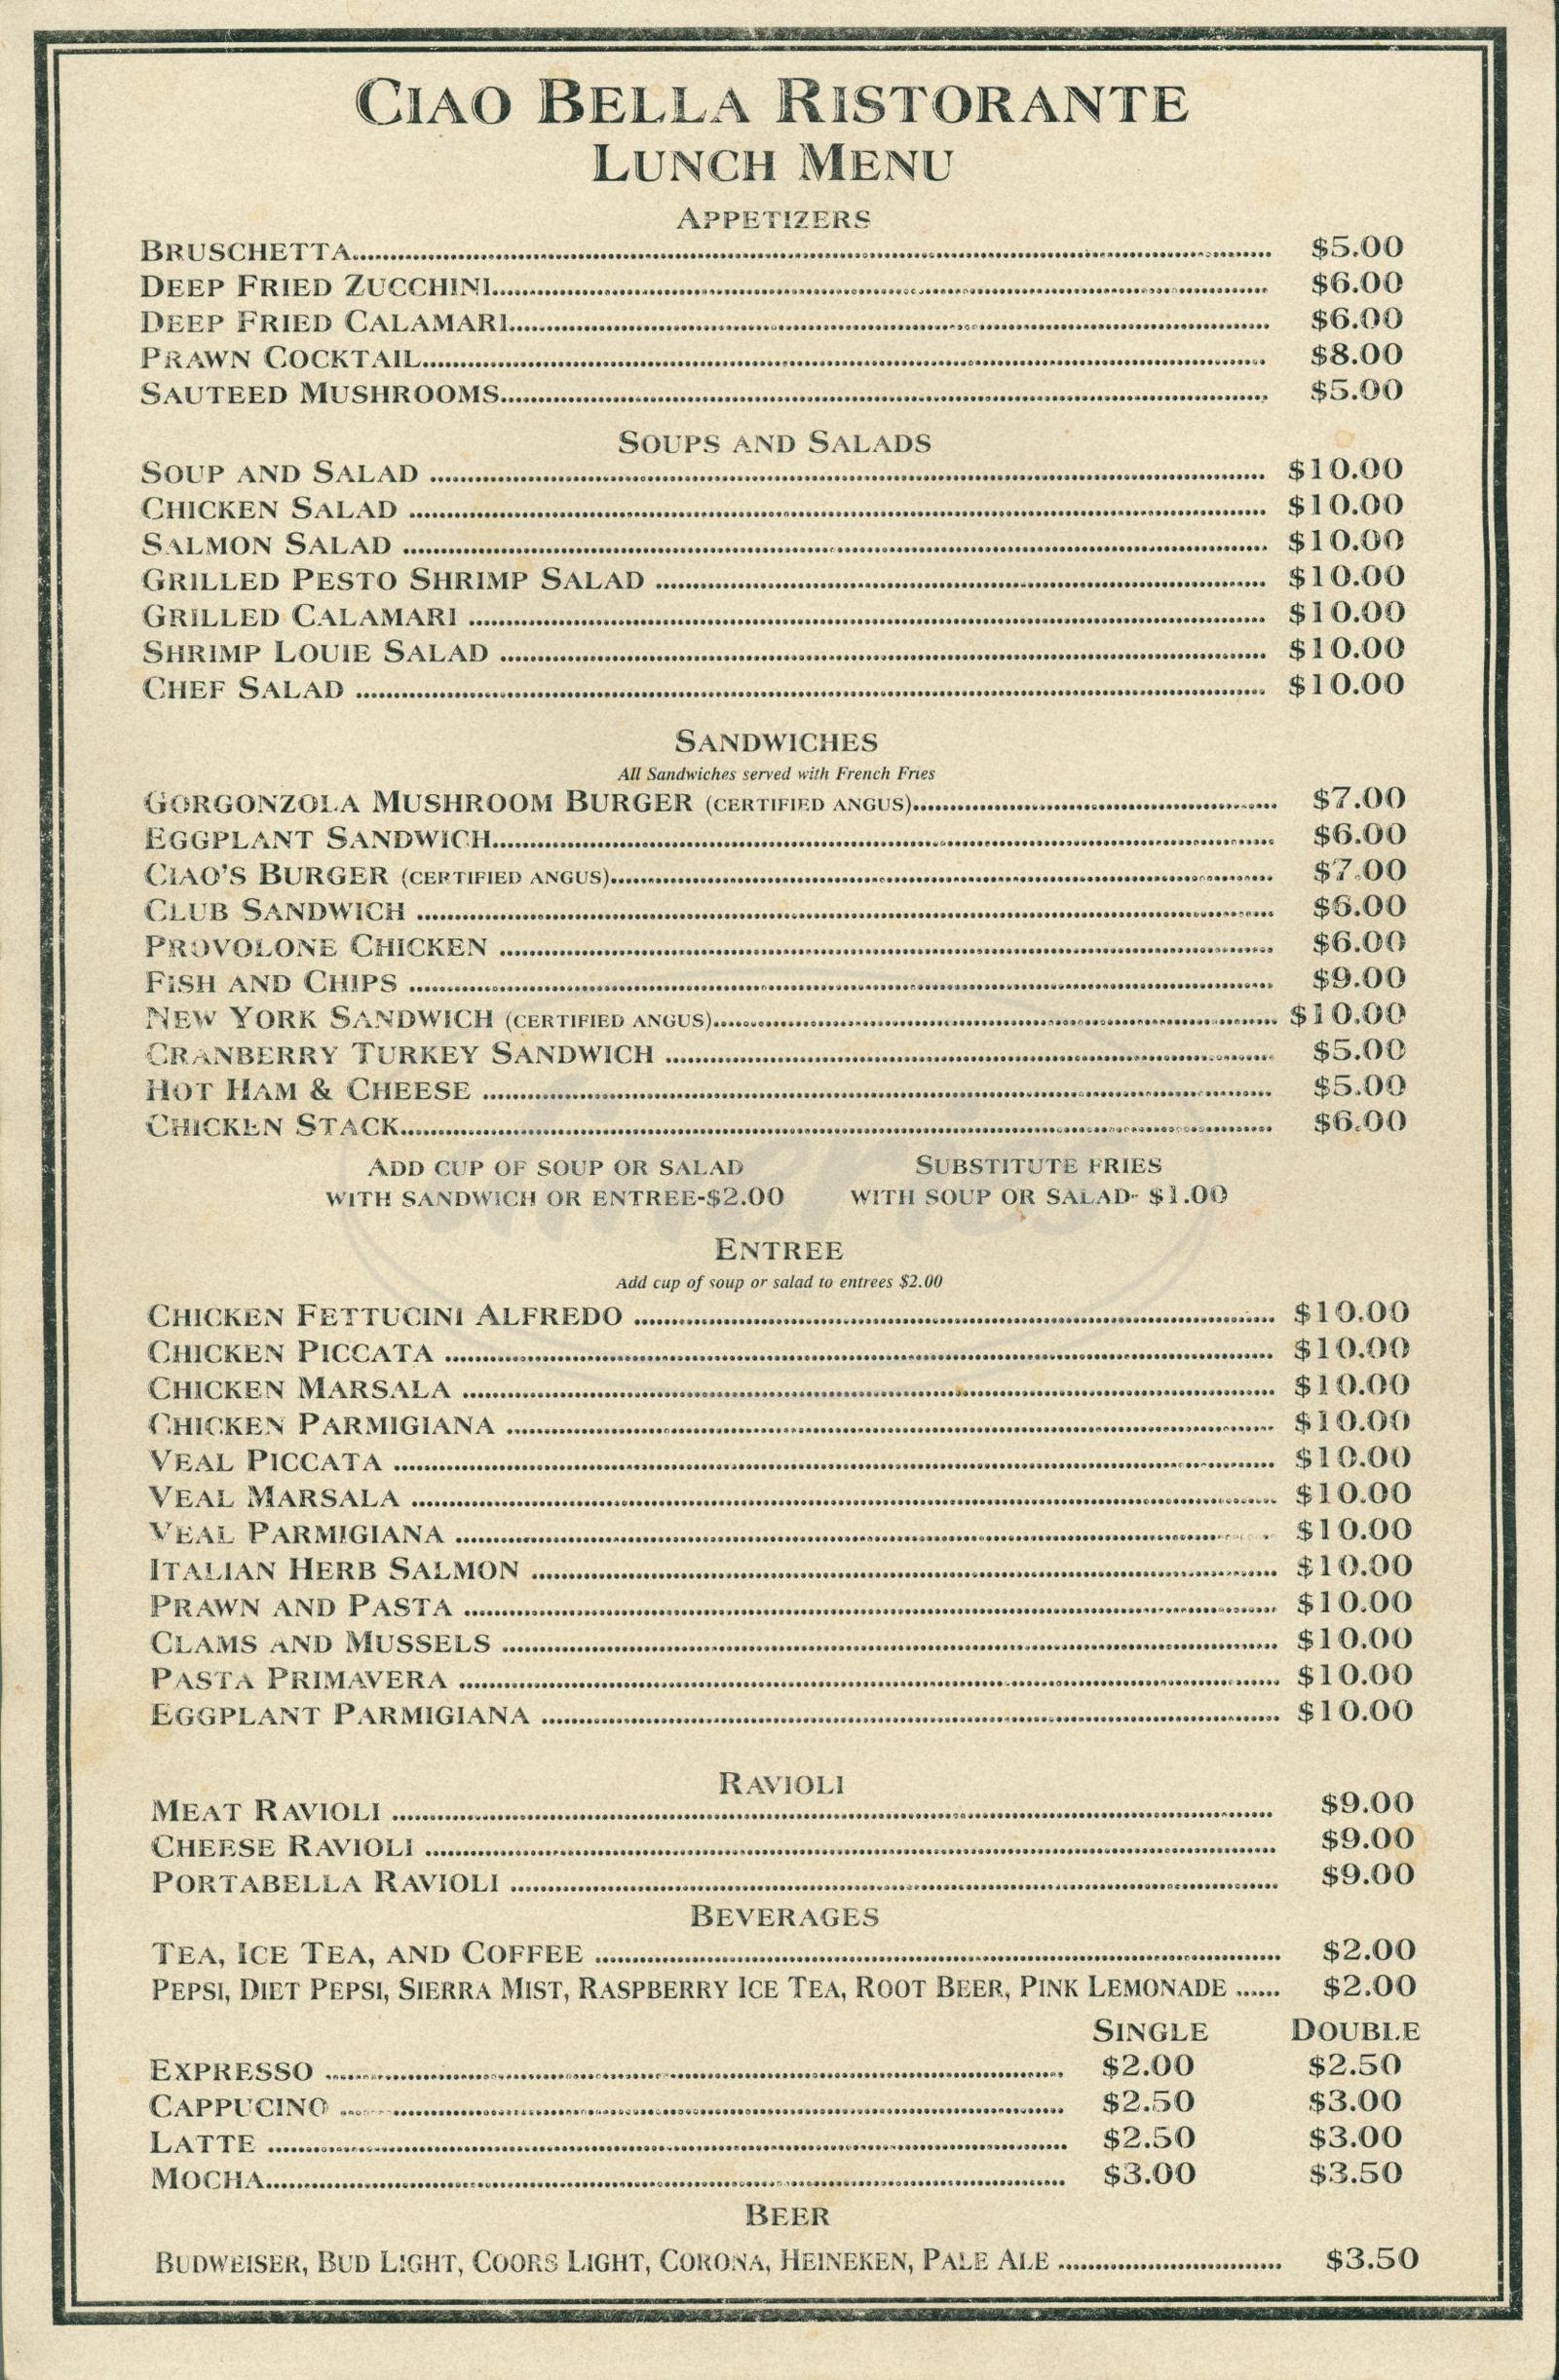 menu for Ciao Bella Ristorante